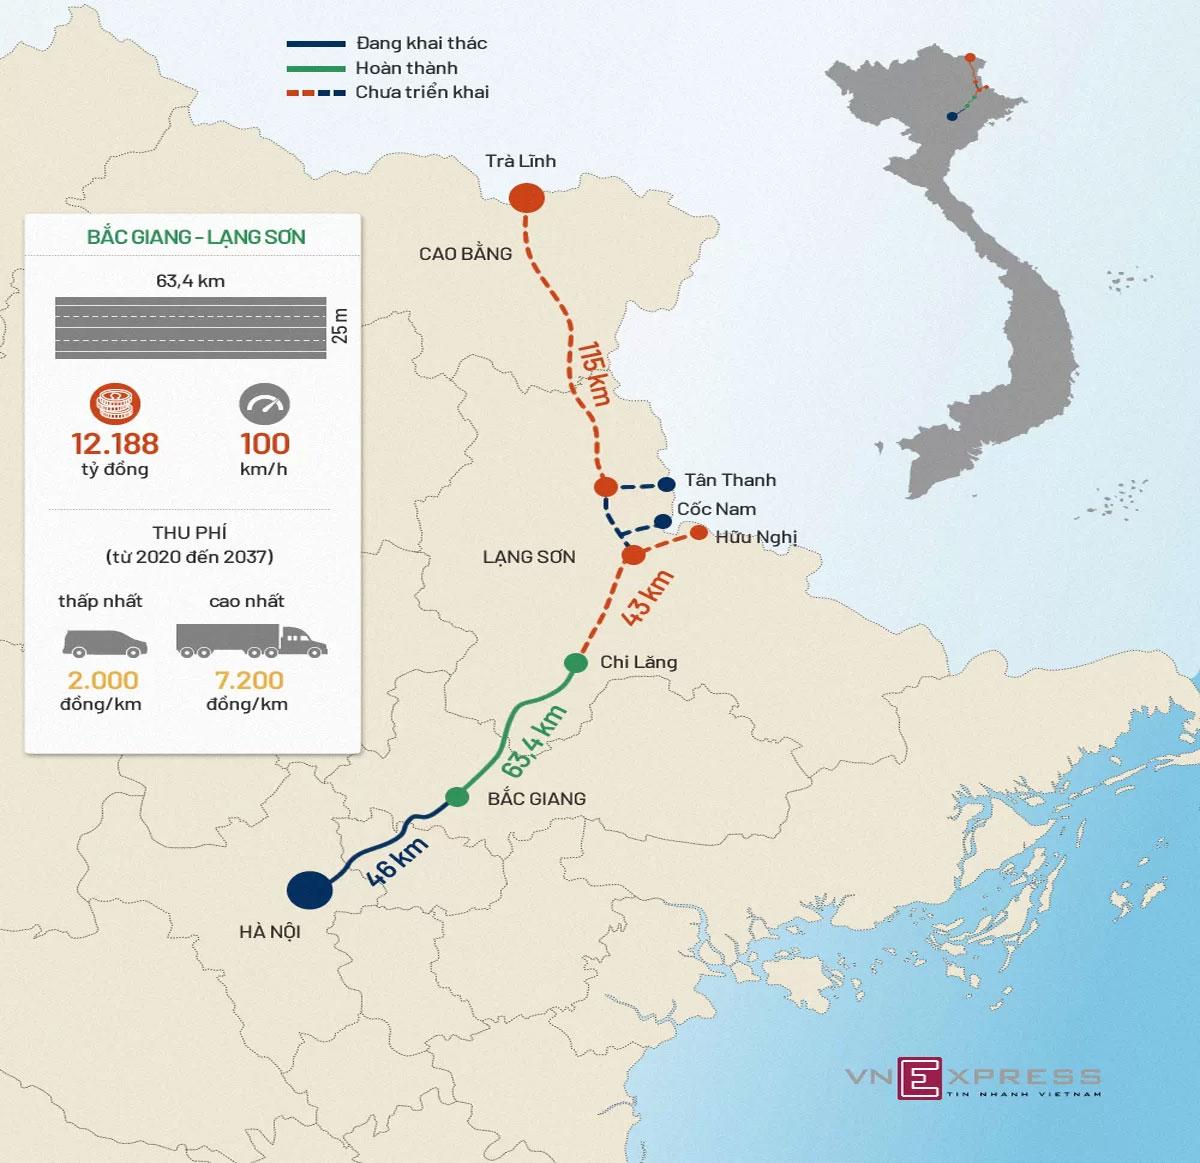 Cao tốc Bắc Giang - Lạng Sơn, kết nối, kết nối tỉnh đông bắc